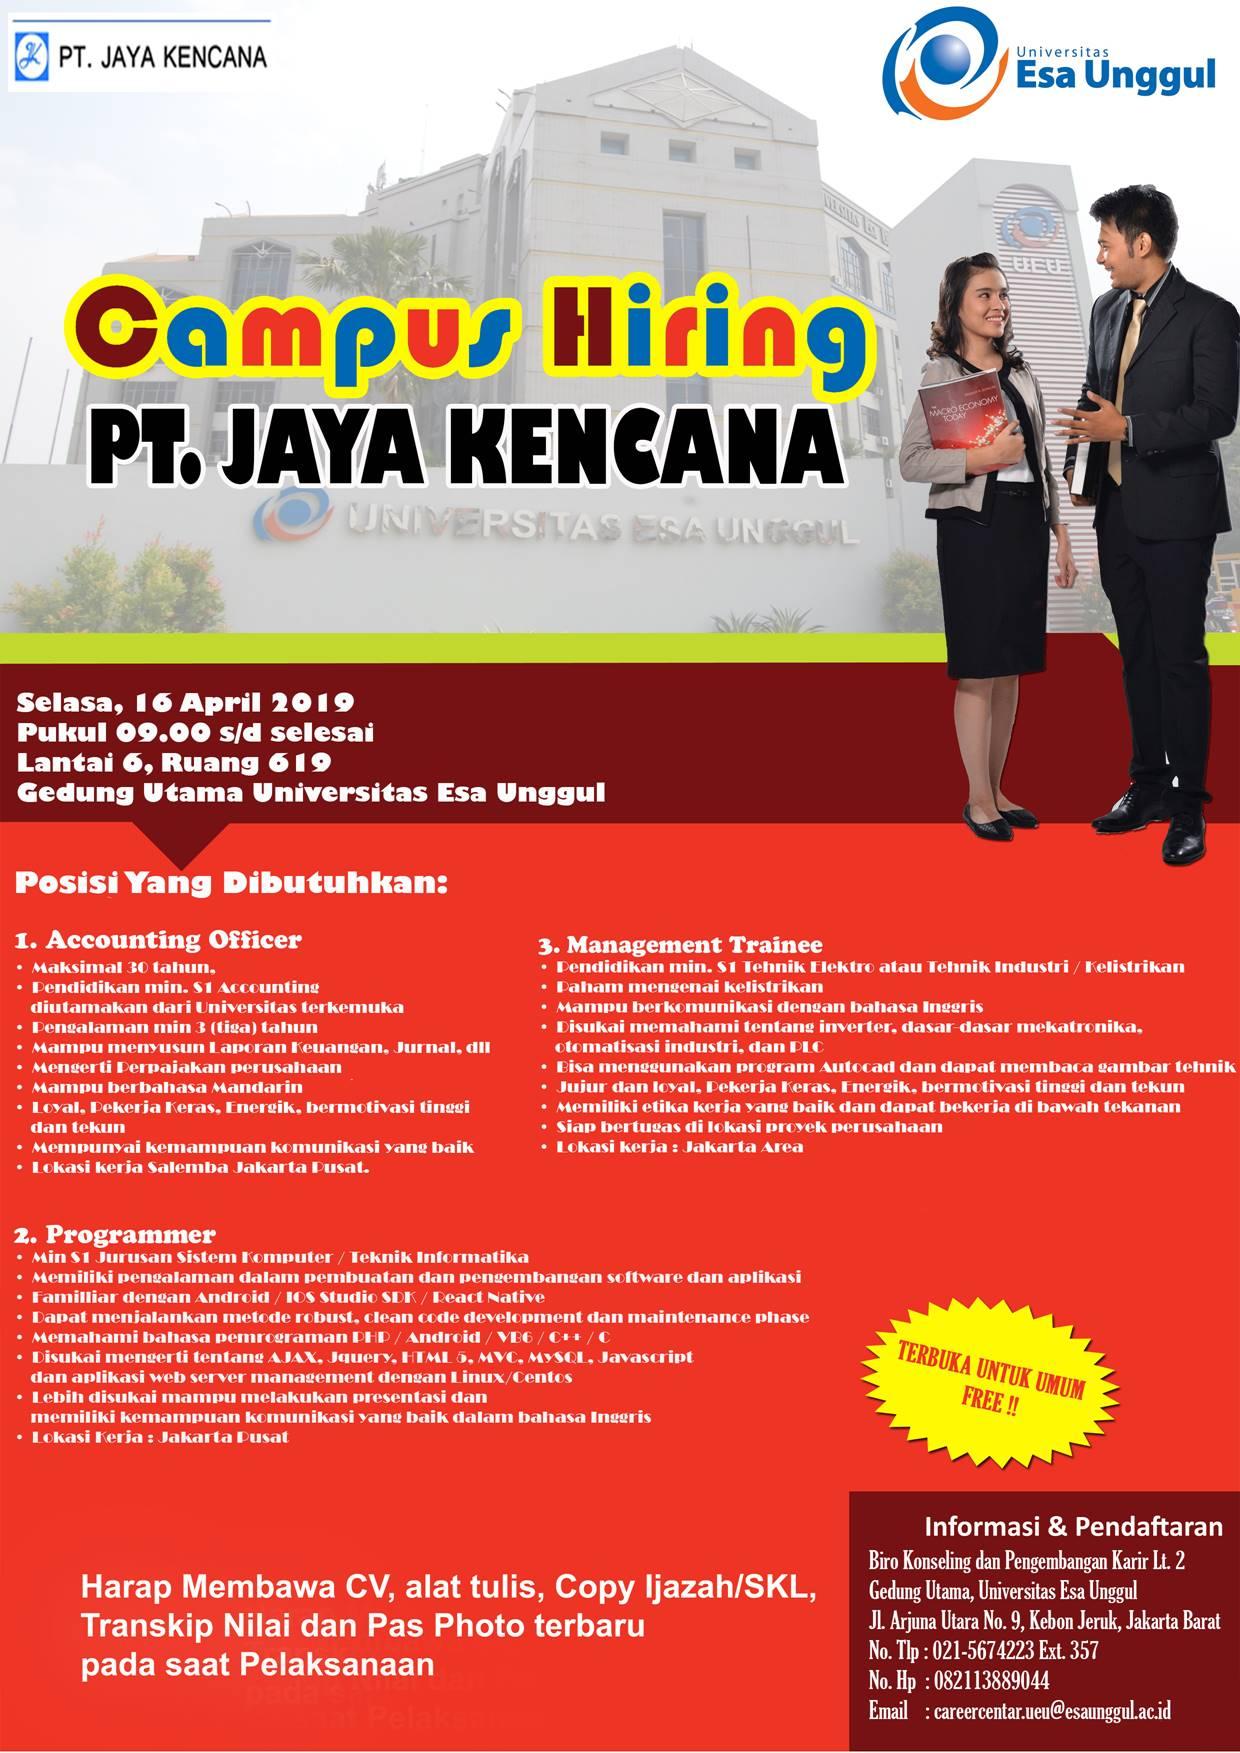 Campus Hiring PT. Jaya Kencana